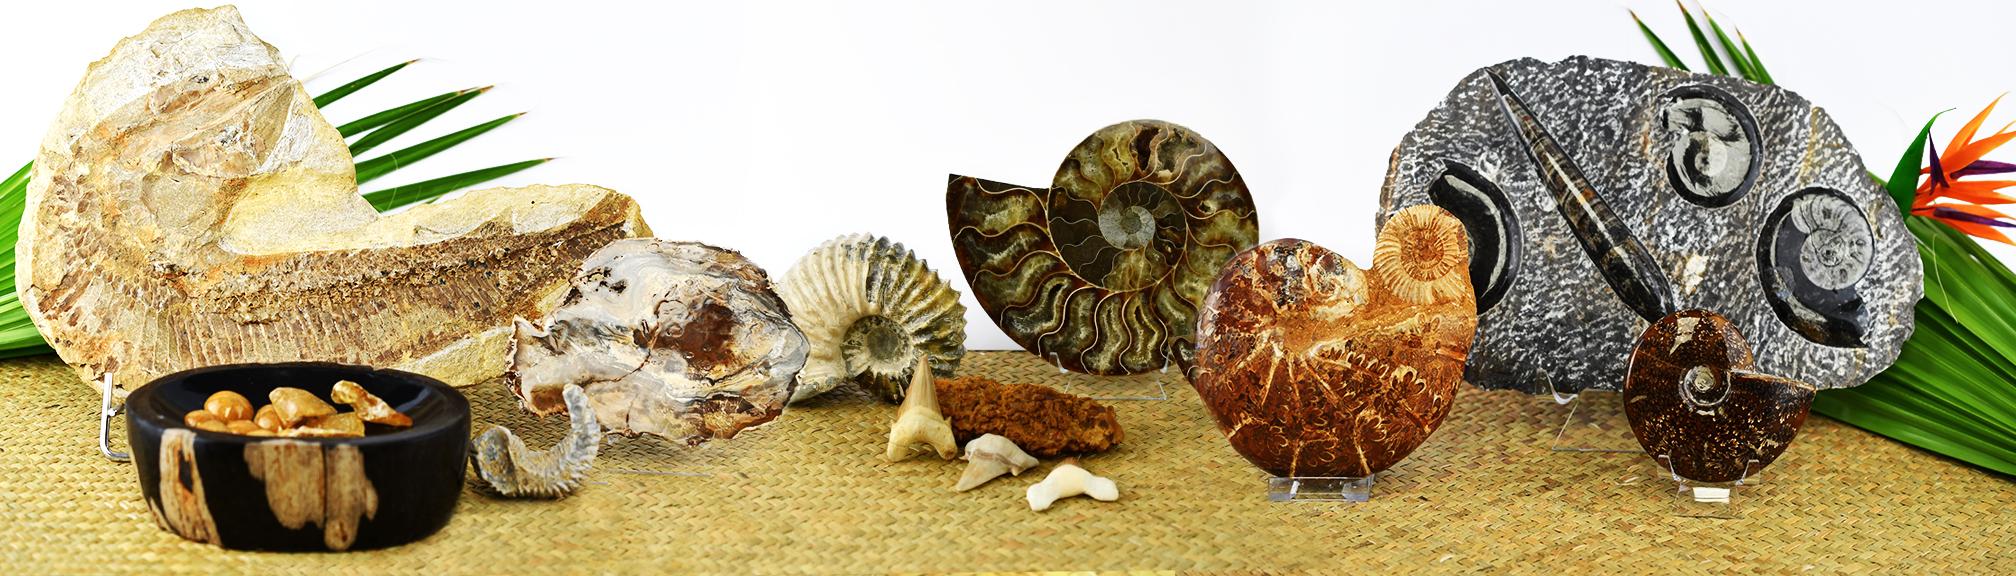 Fossilien, Muscheln und mehr ...